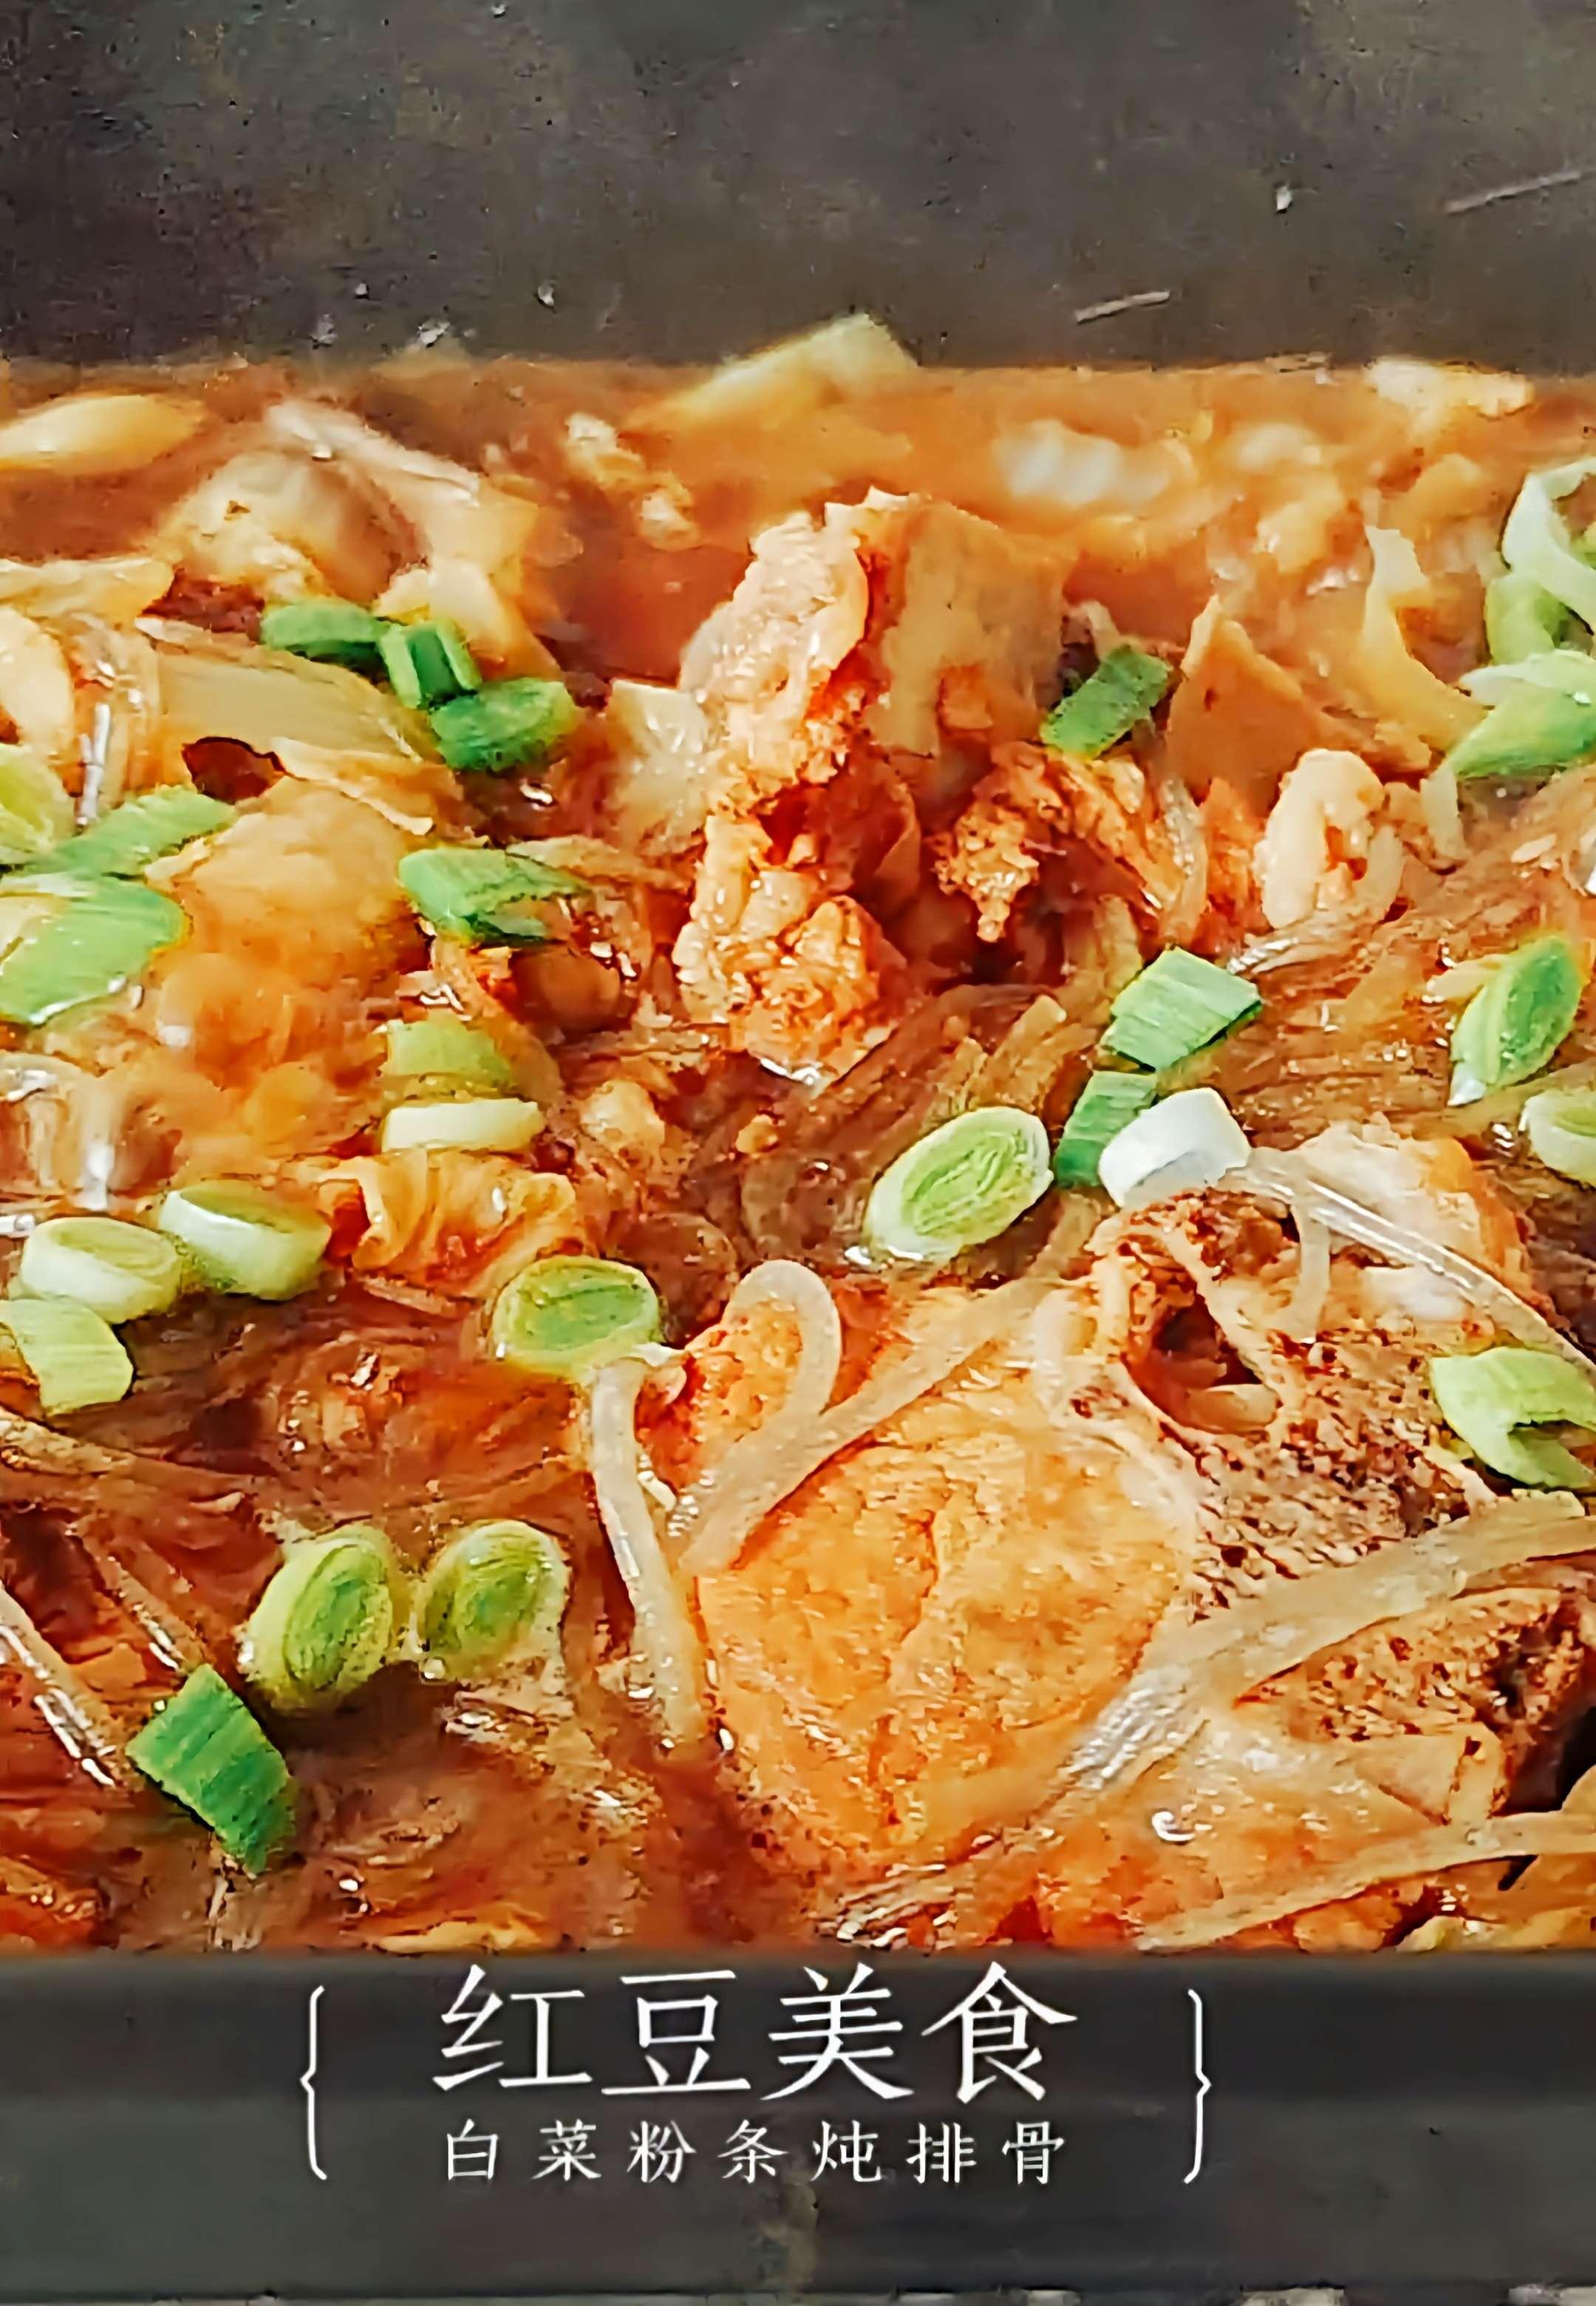 秋冬最爱家常菜…白菜粉条炖排骨成品图